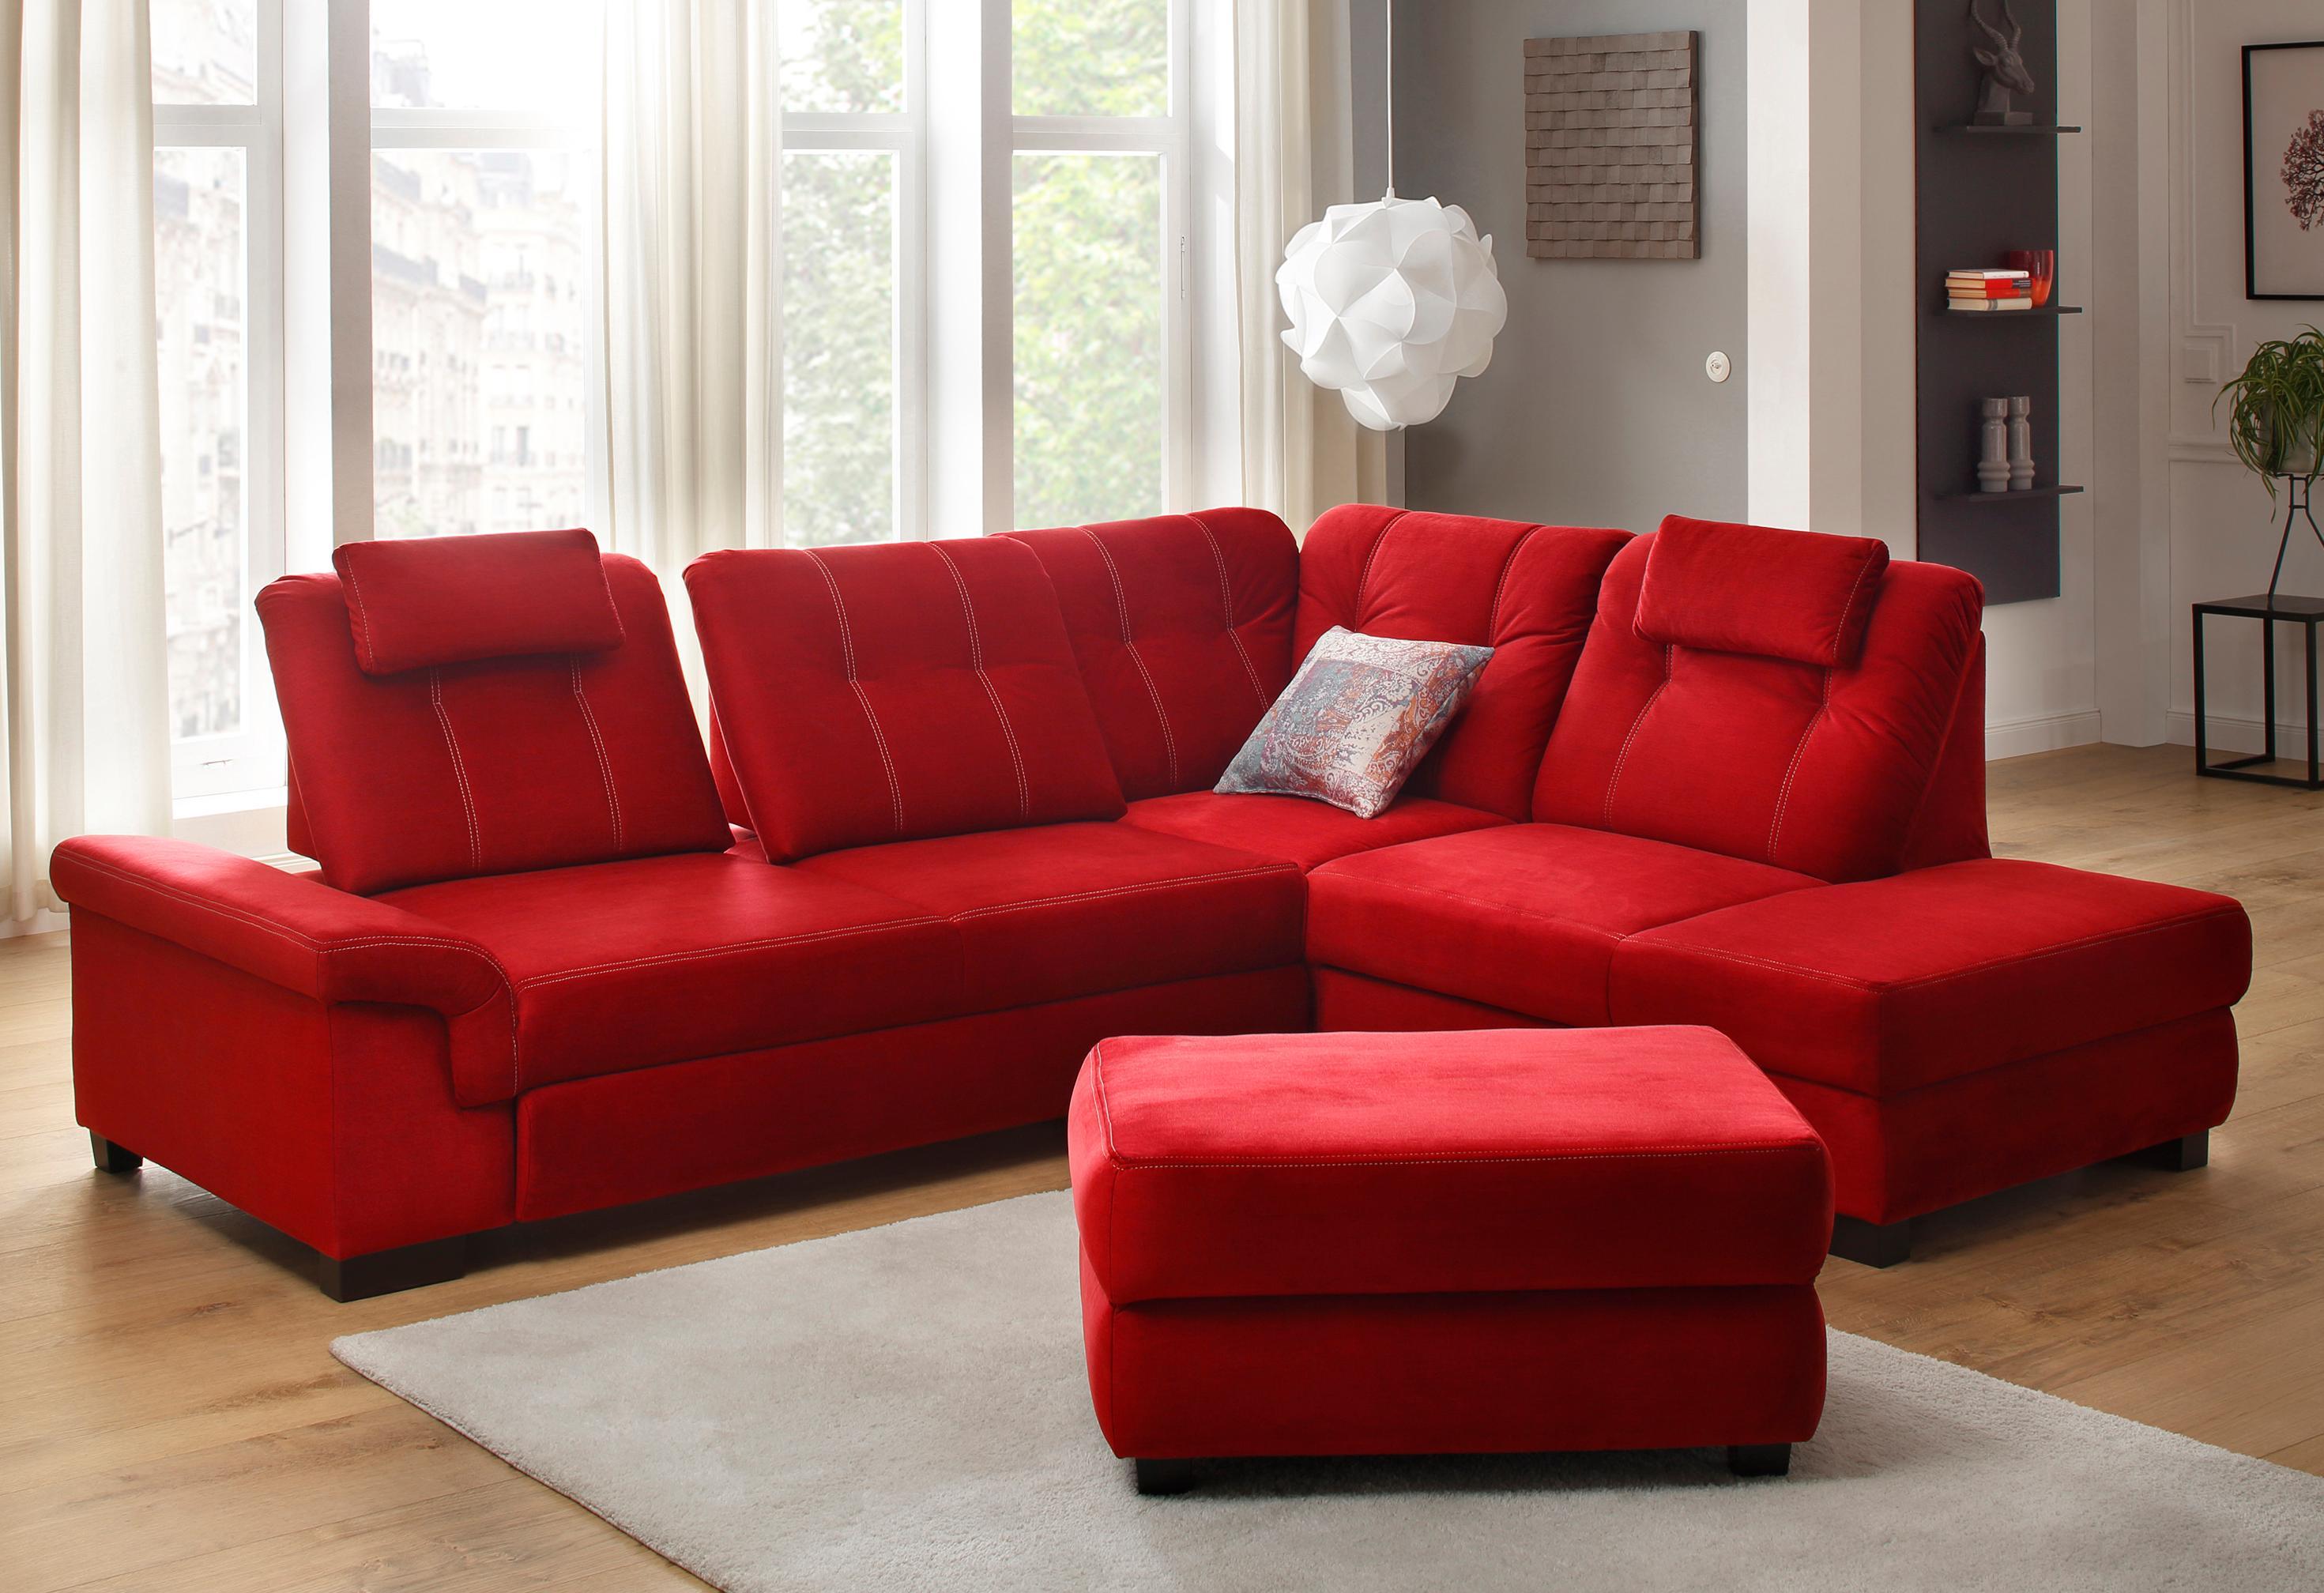 Wohnzimmer » recam Sofas & Couches online kaufen | Möbel ...